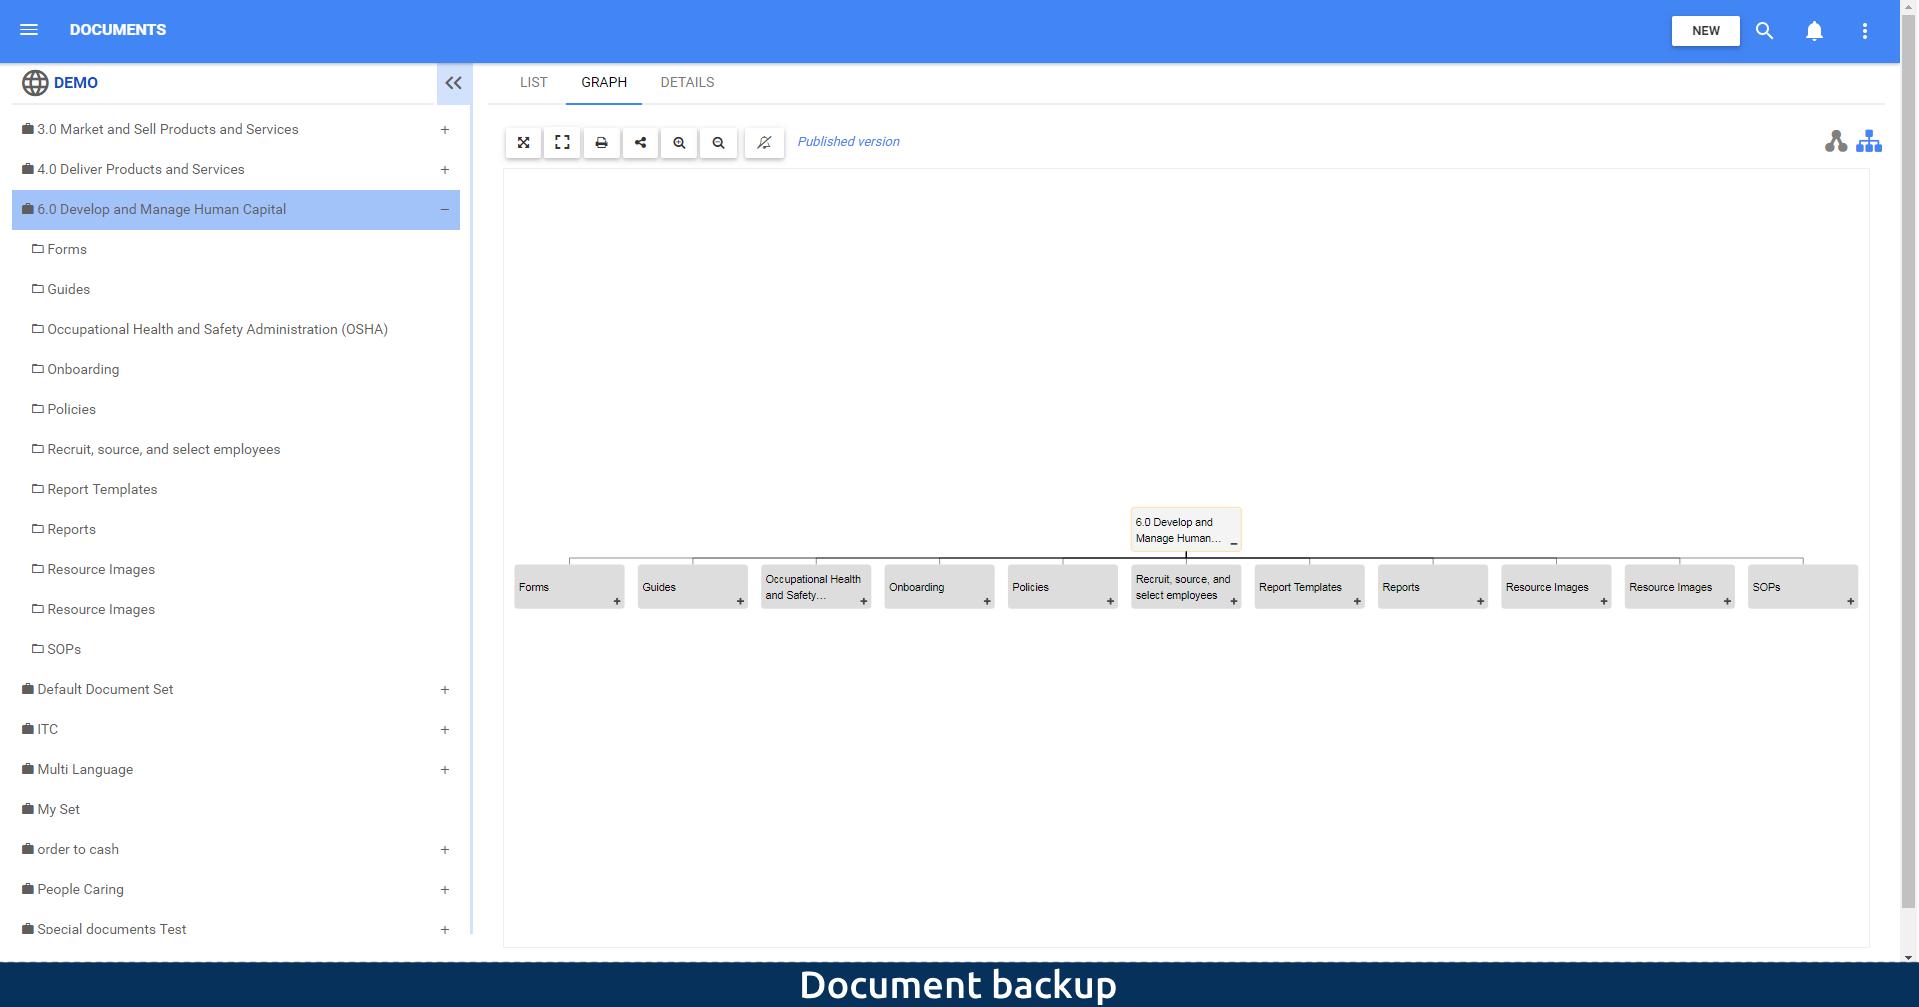 Document backup